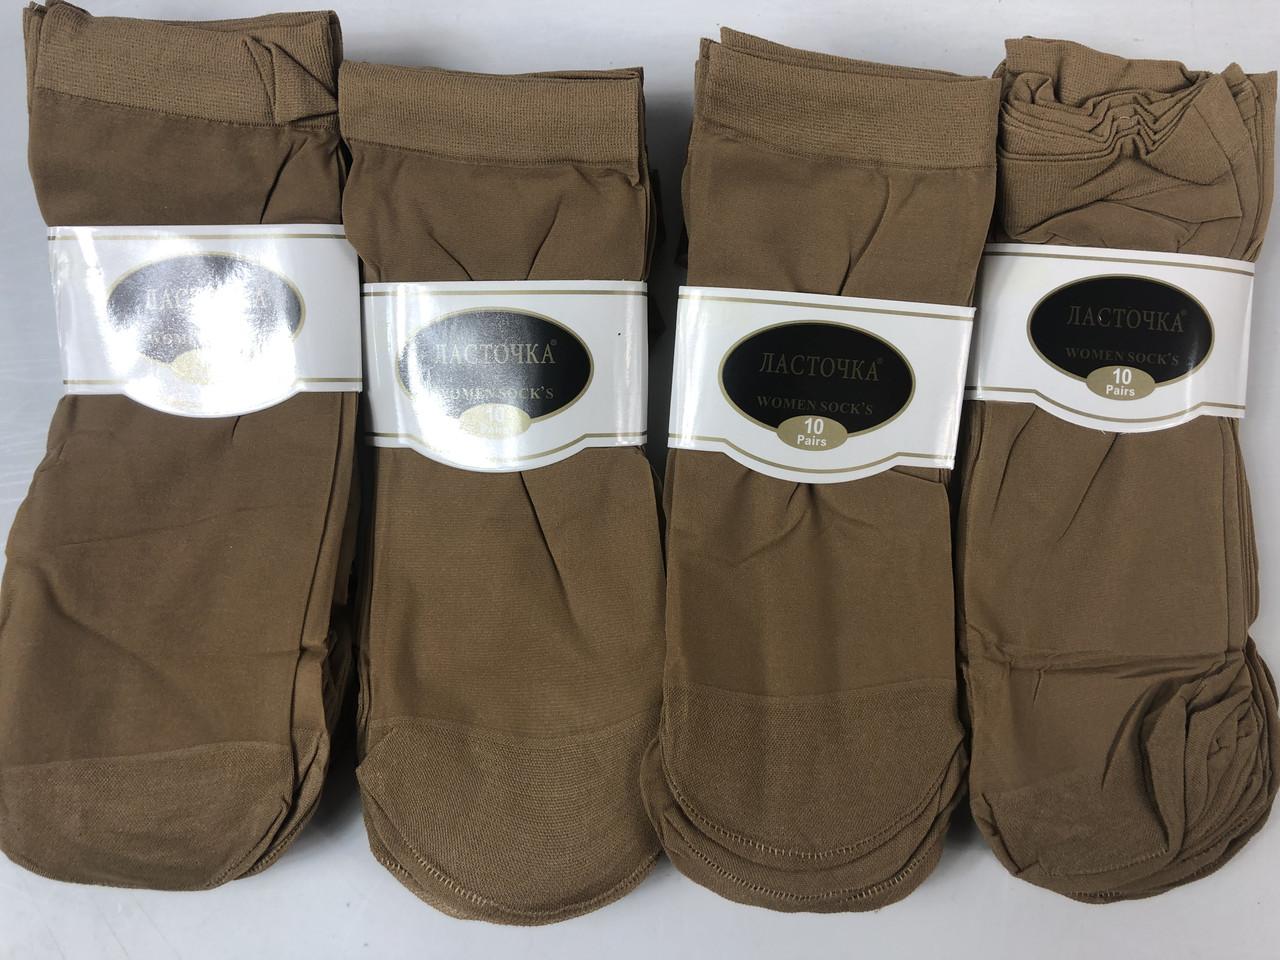 Носок капроновые